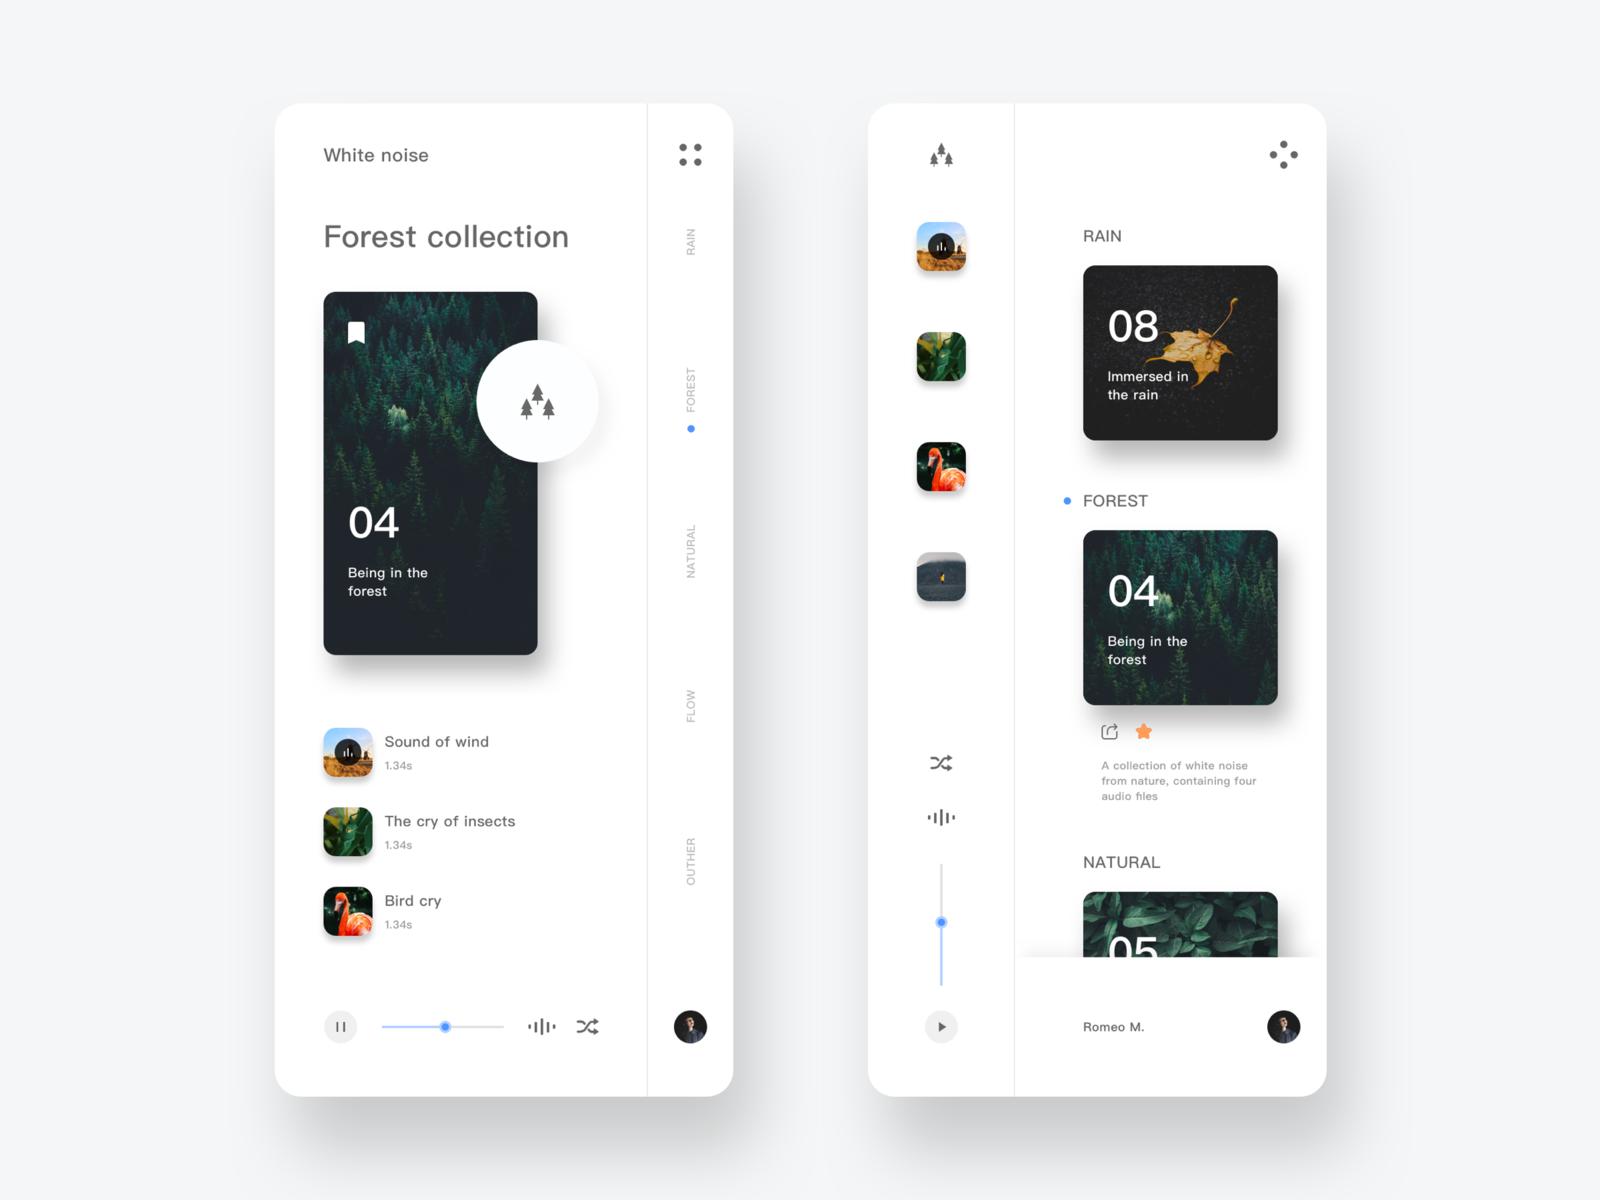 App design trends include simple UI designs